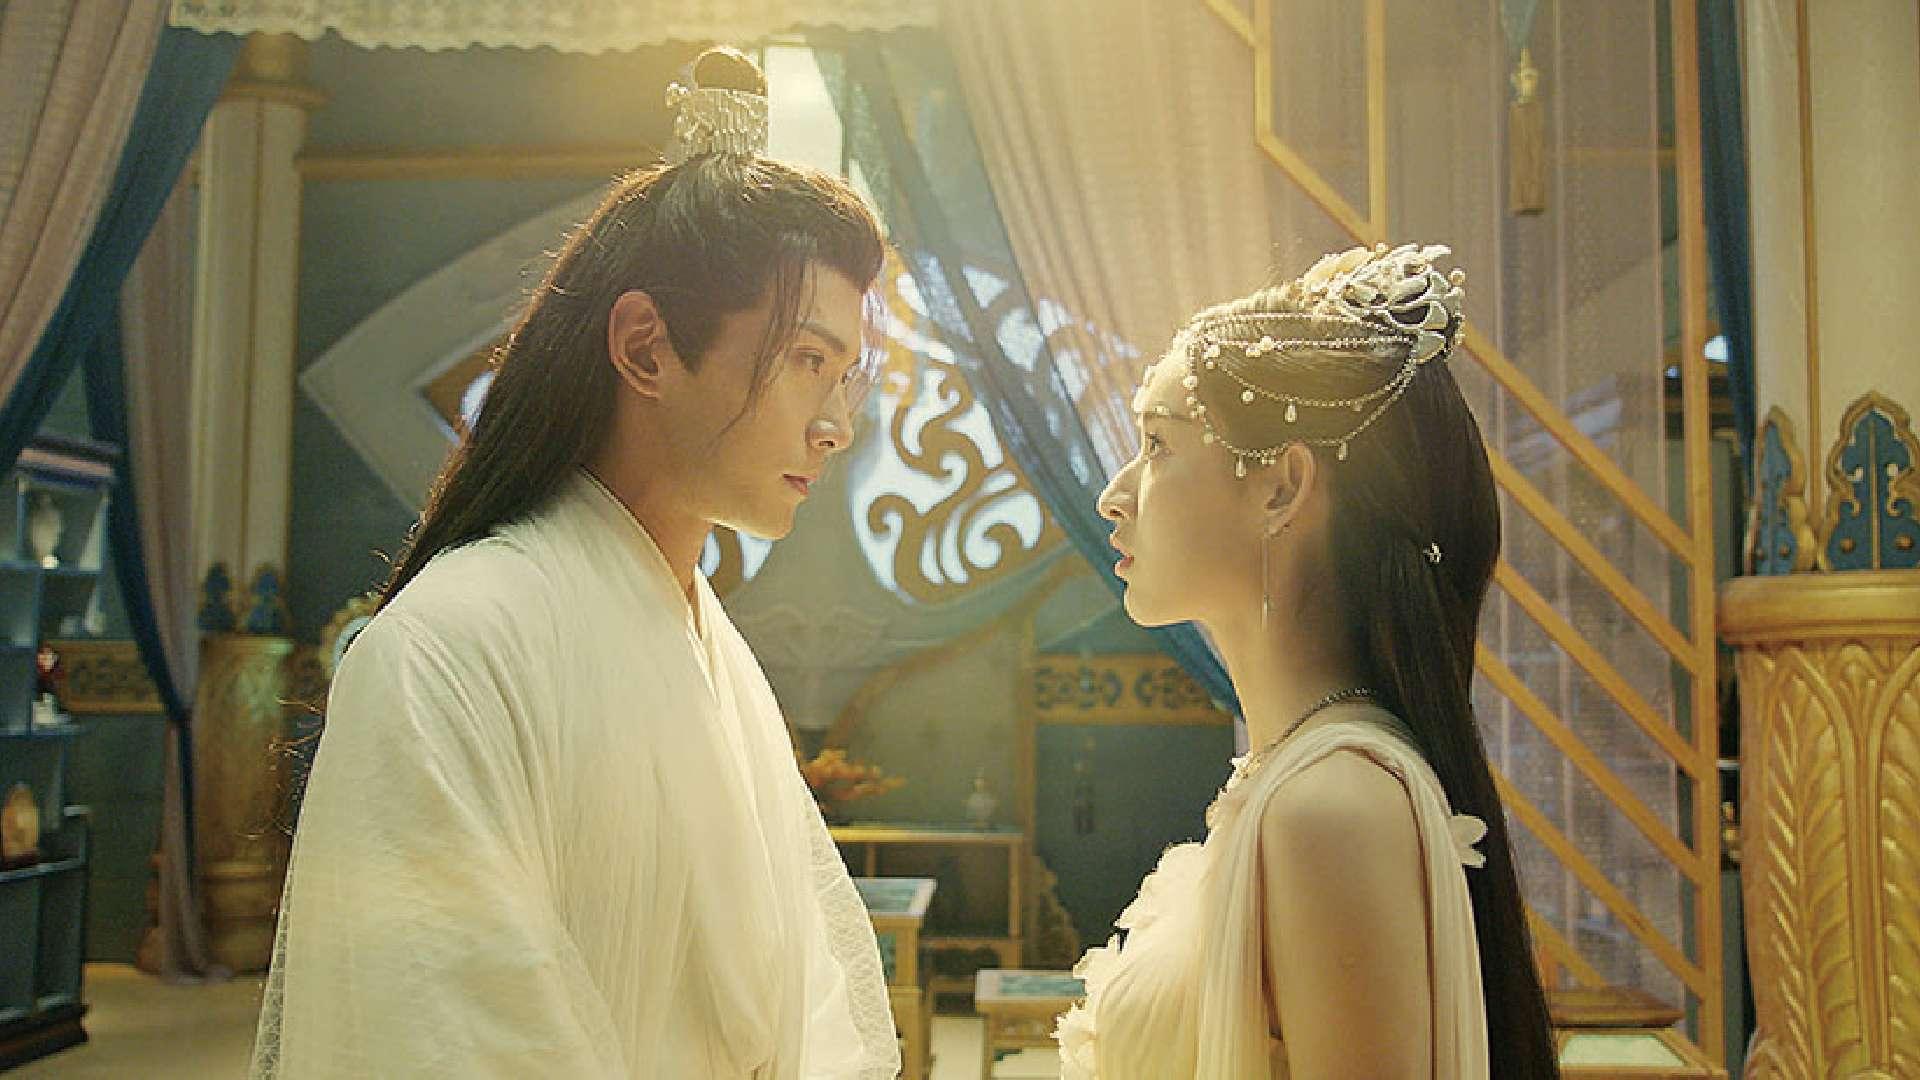 鳳星の姫 ~天空の女神と宿命の愛~